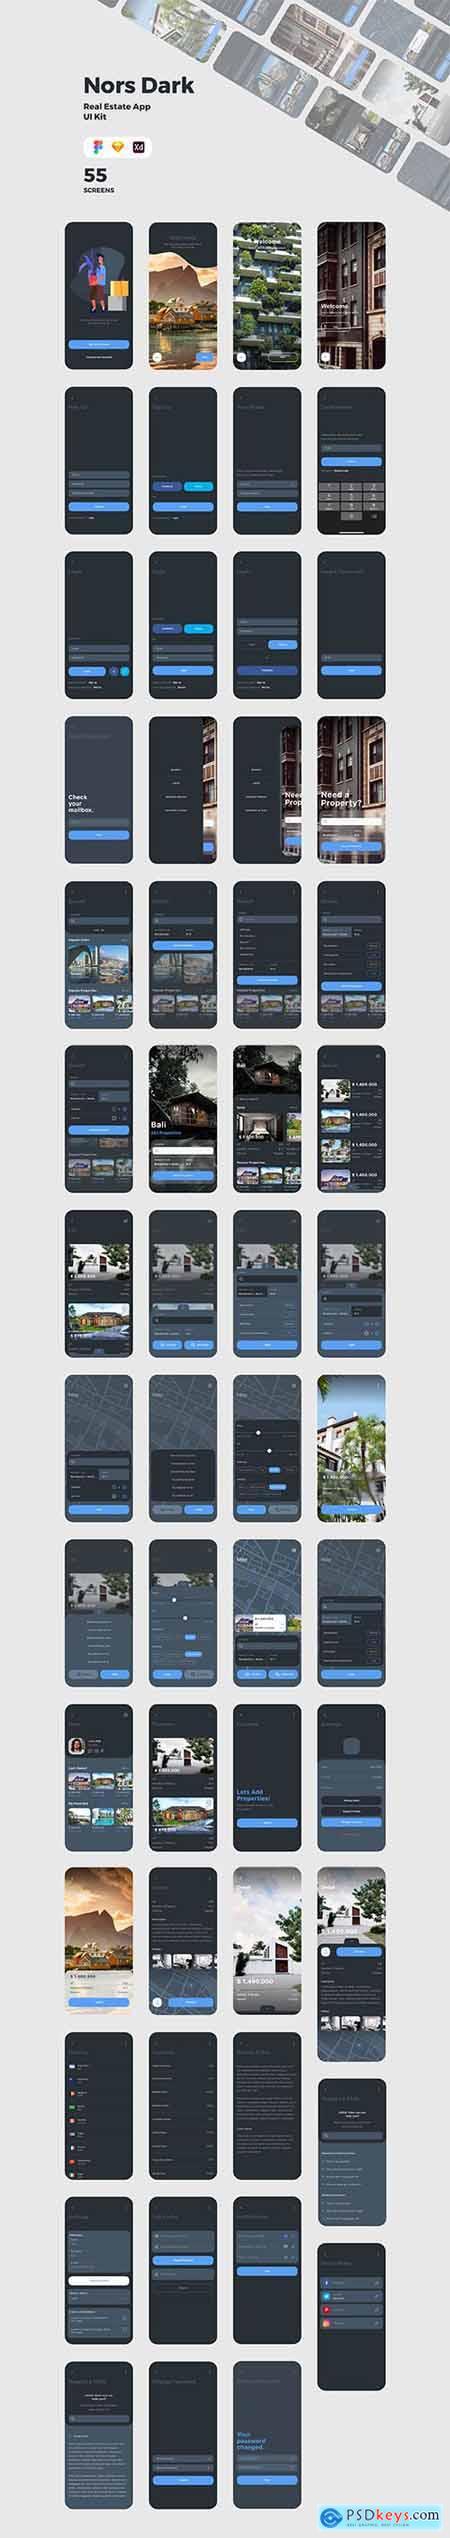 Nors Dark - Real Estate App UI Kit